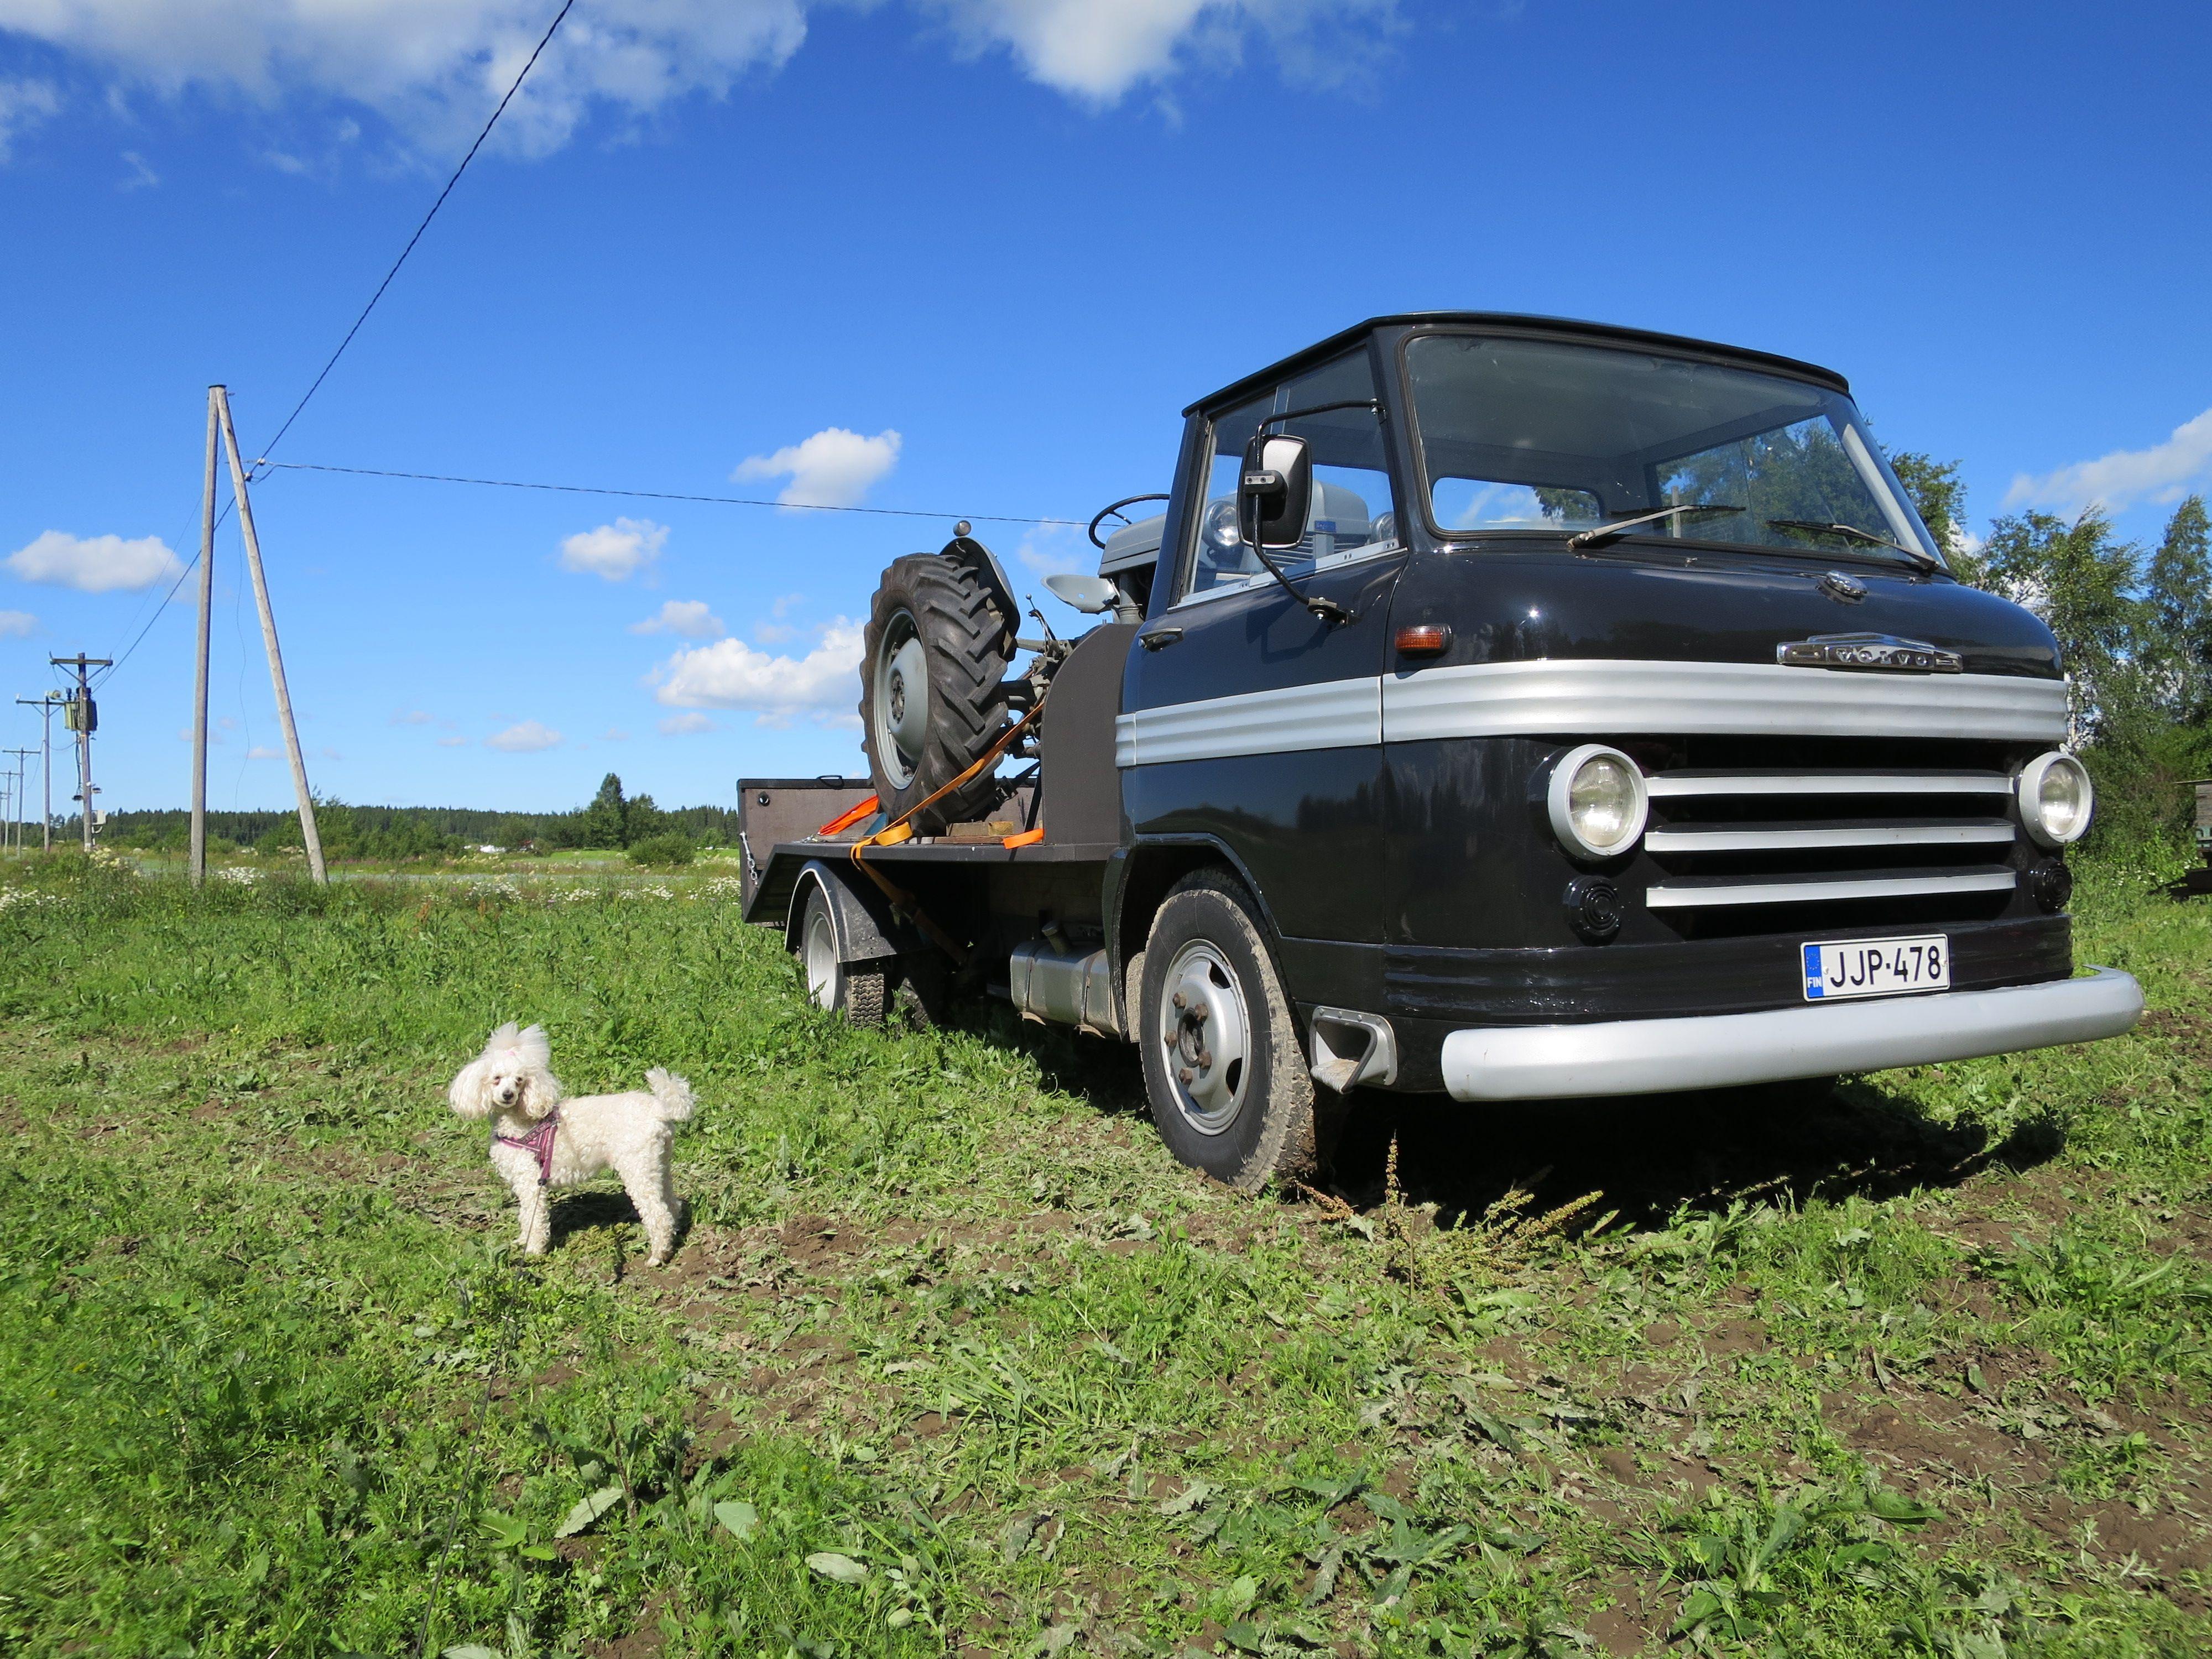 Heinäkuu 2015 ja  ihana villakoira Lyyti Emmi Serafiia ja kaksi muutakin tärkeää juttua eli miehen projektia Volvo Pulla (uusin hankinta 2015) ja Harmaa Fergusson ( ensimmäinen hankinta v.1997)